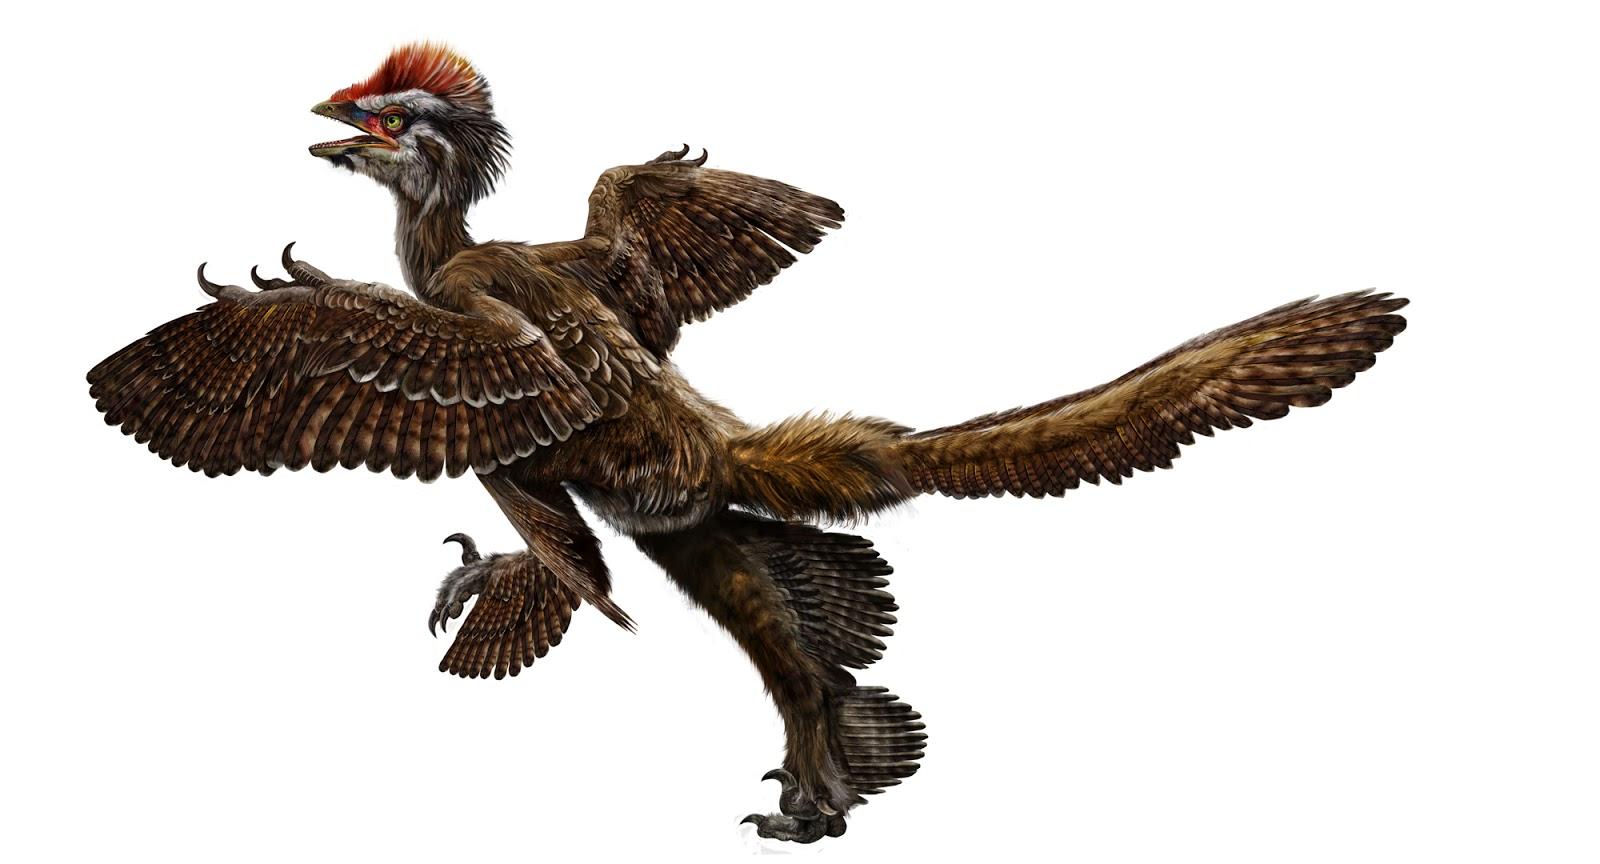 dinossauro-de-penas.jpg